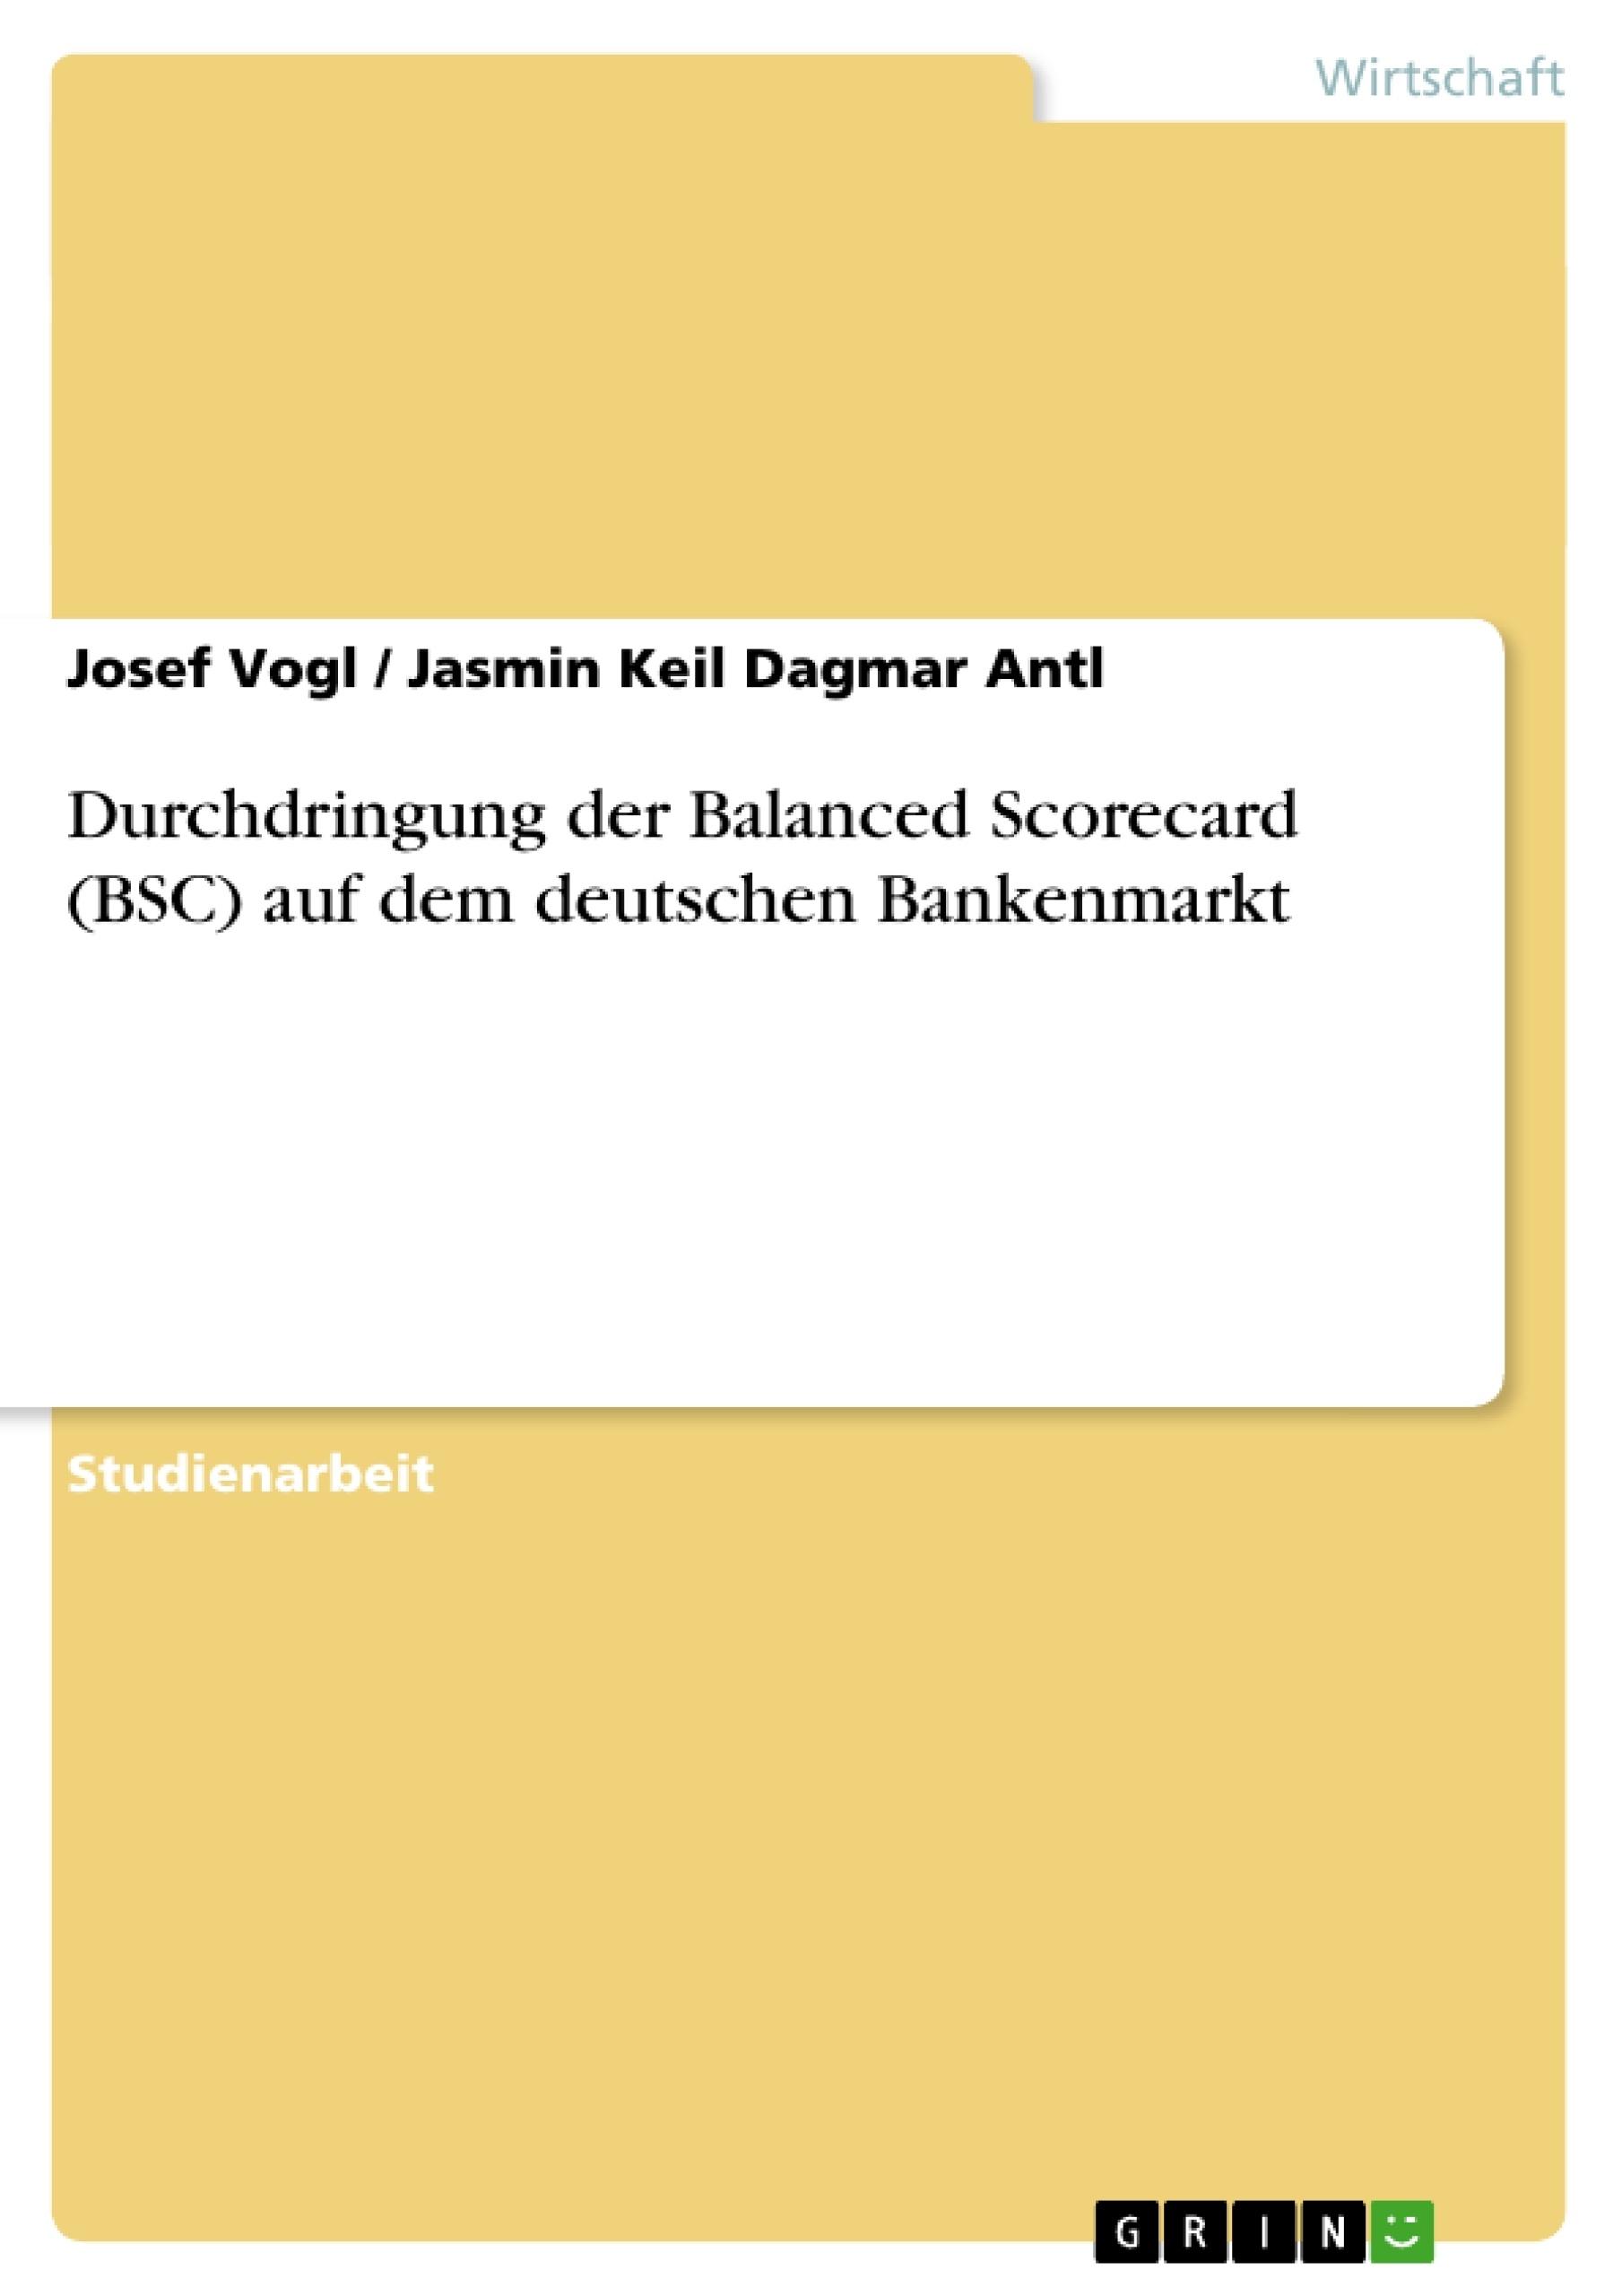 Titel: Durchdringung der Balanced Scorecard (BSC) auf dem deutschen Bankenmarkt